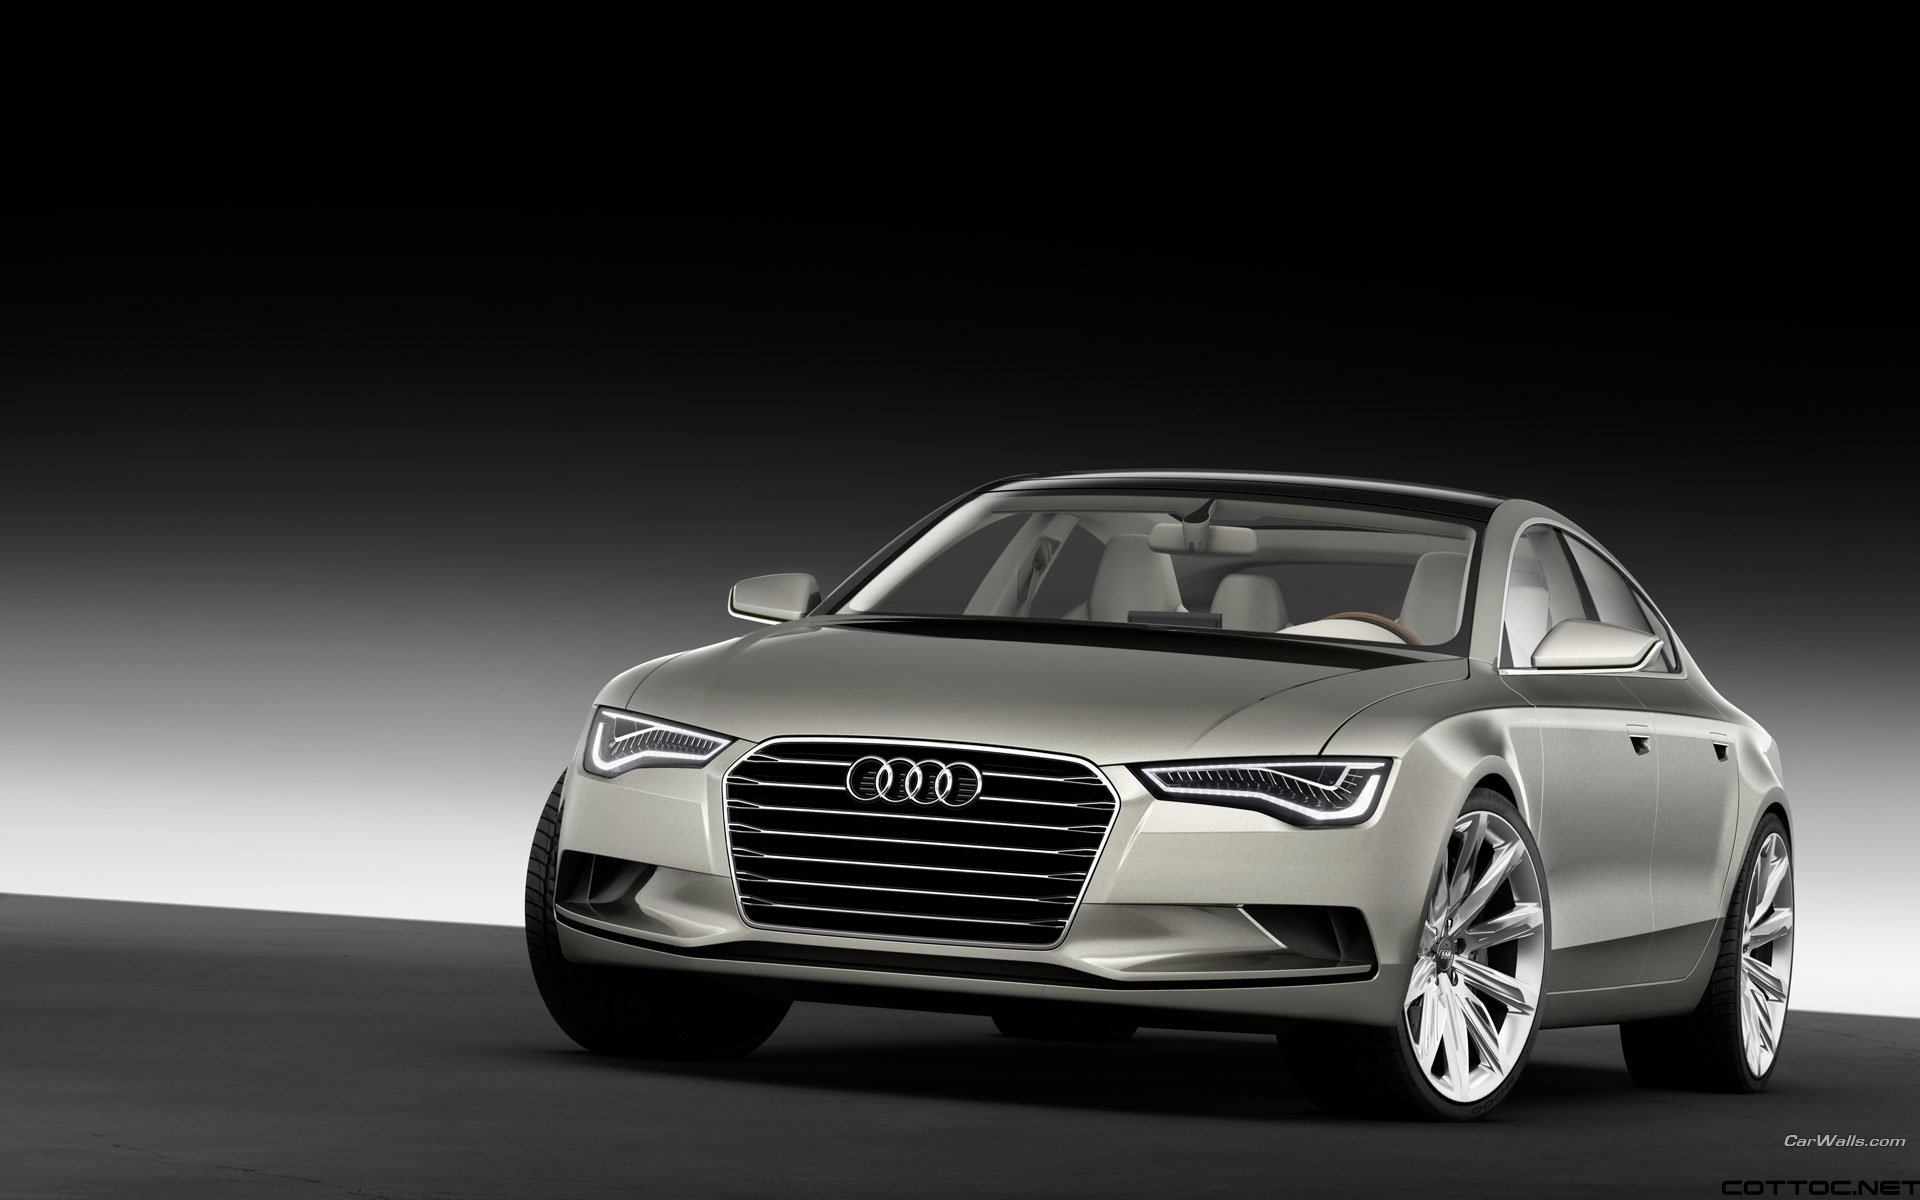 23472 скачать обои Транспорт, Машины, Ауди (Audi) - заставки и картинки бесплатно